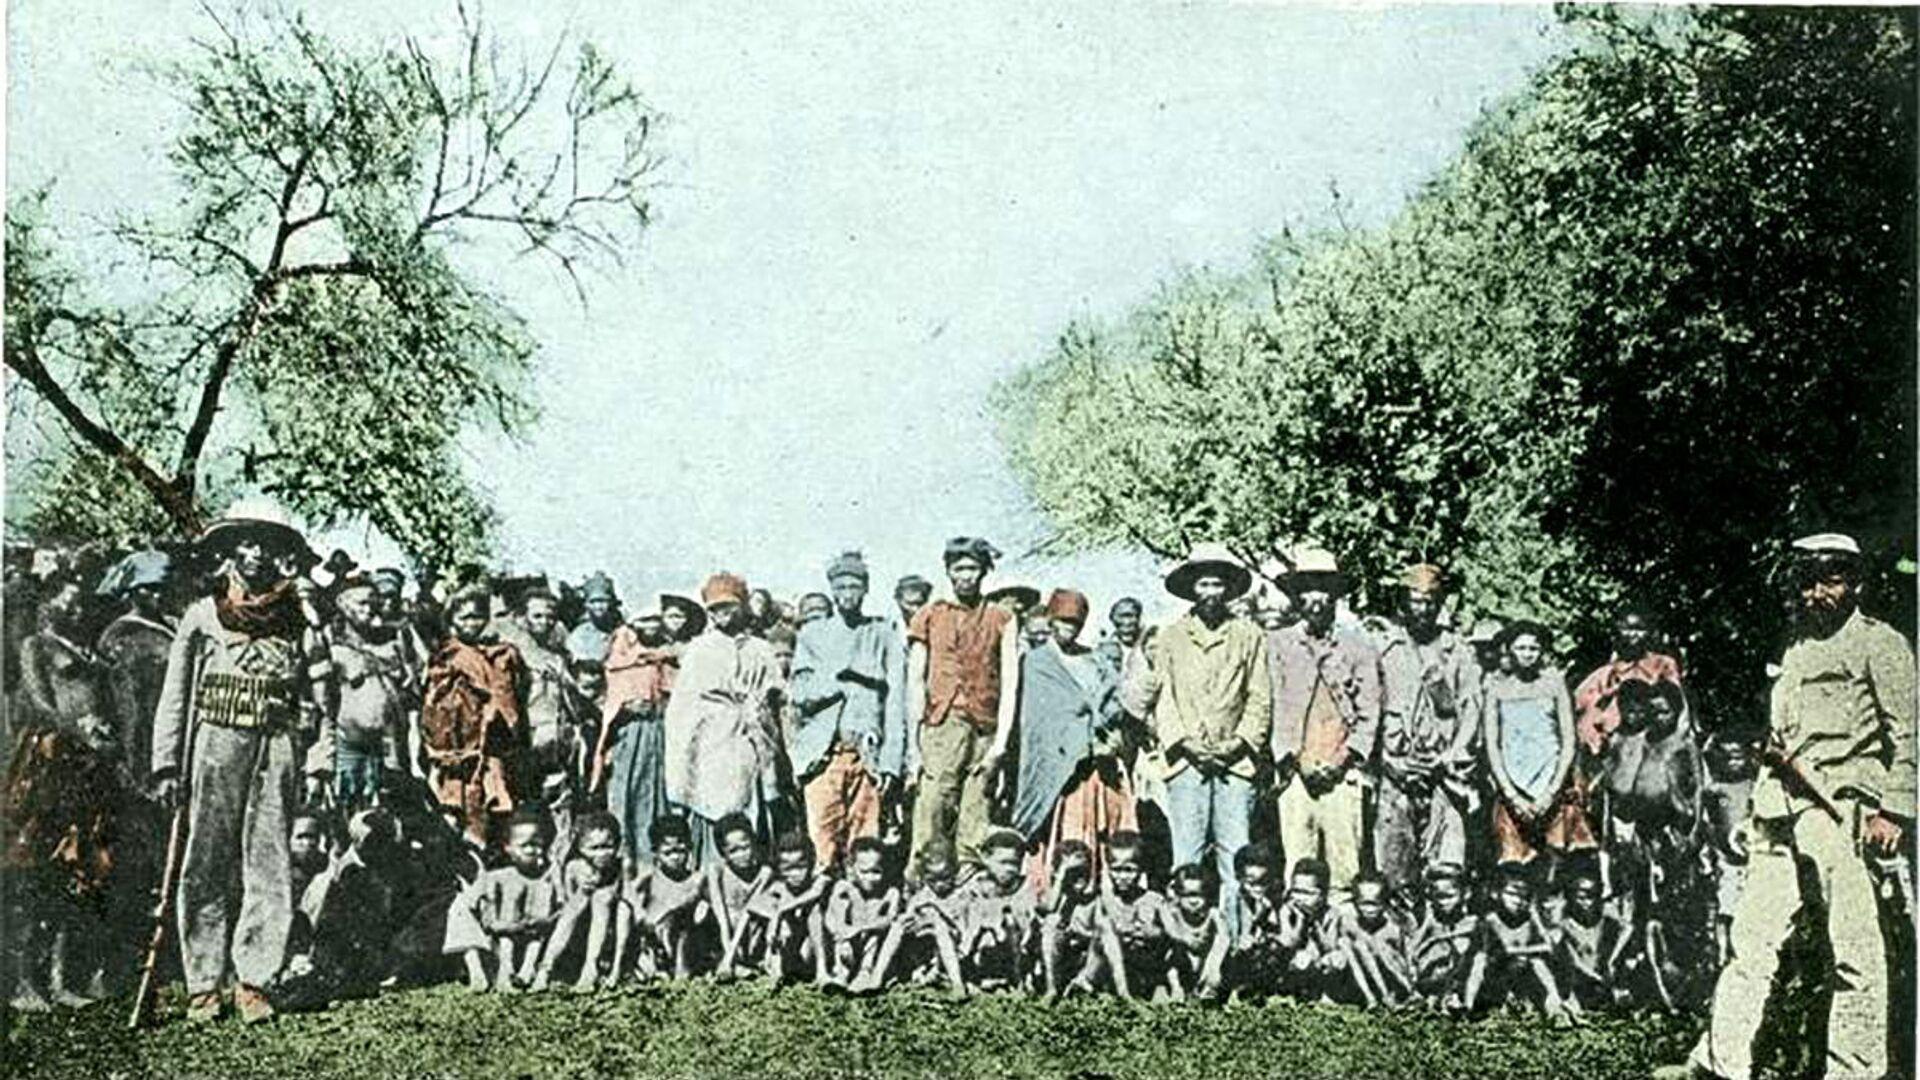 Zajatci Gerero, 1900 - Sputnik Česká republika, 1920, 28.05.2021